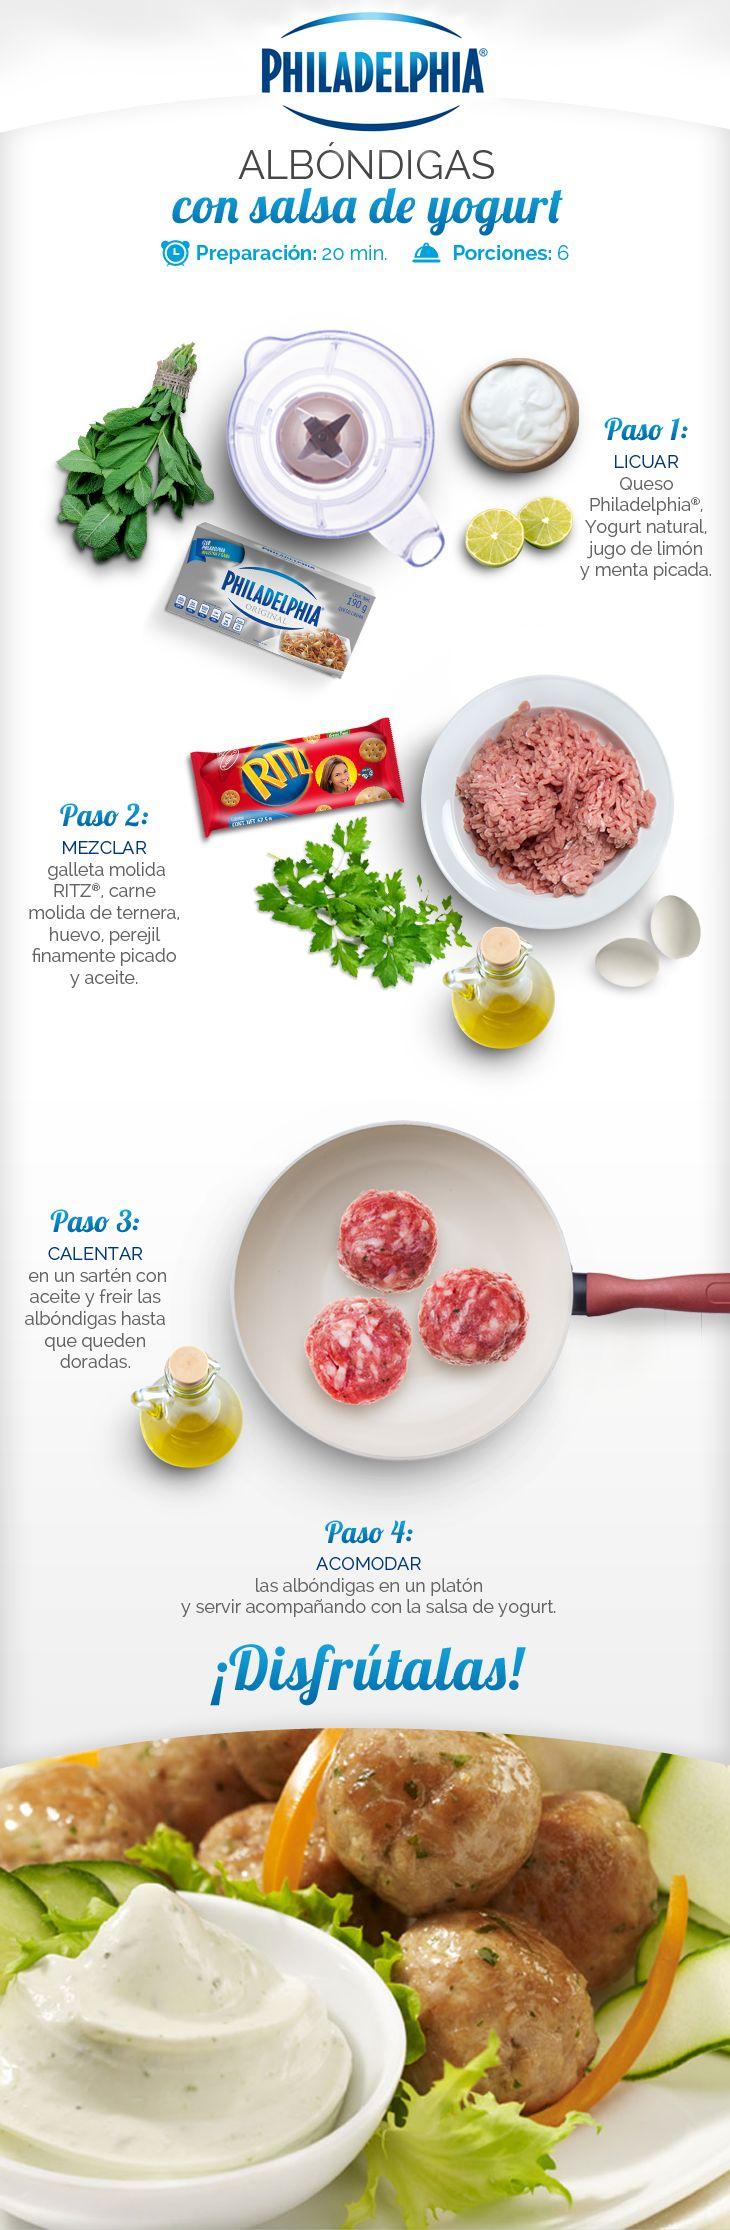 Receta paso a paso de unas deliciosas Albóndigas con salsa de yogurt.